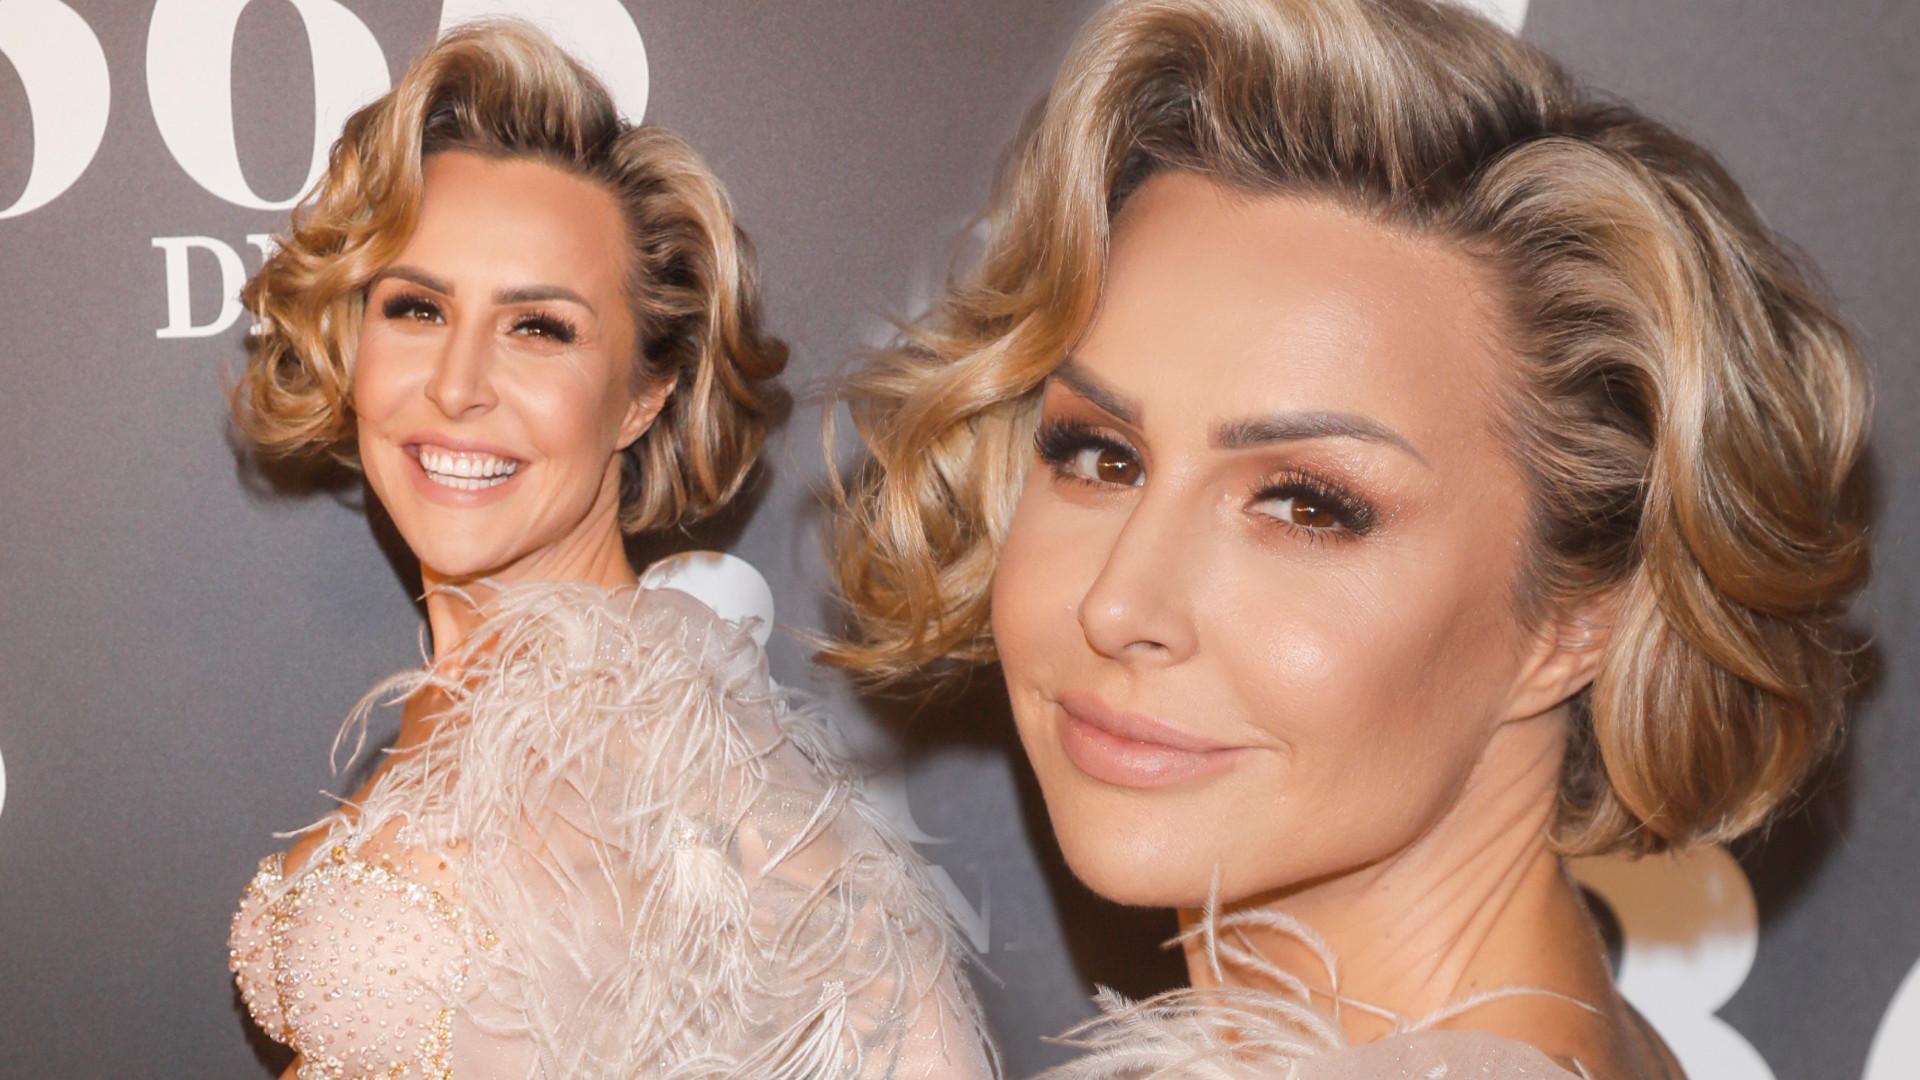 Blanka Lipińska w TYM makijażu wygląda jak gwiazda starego Hollywood